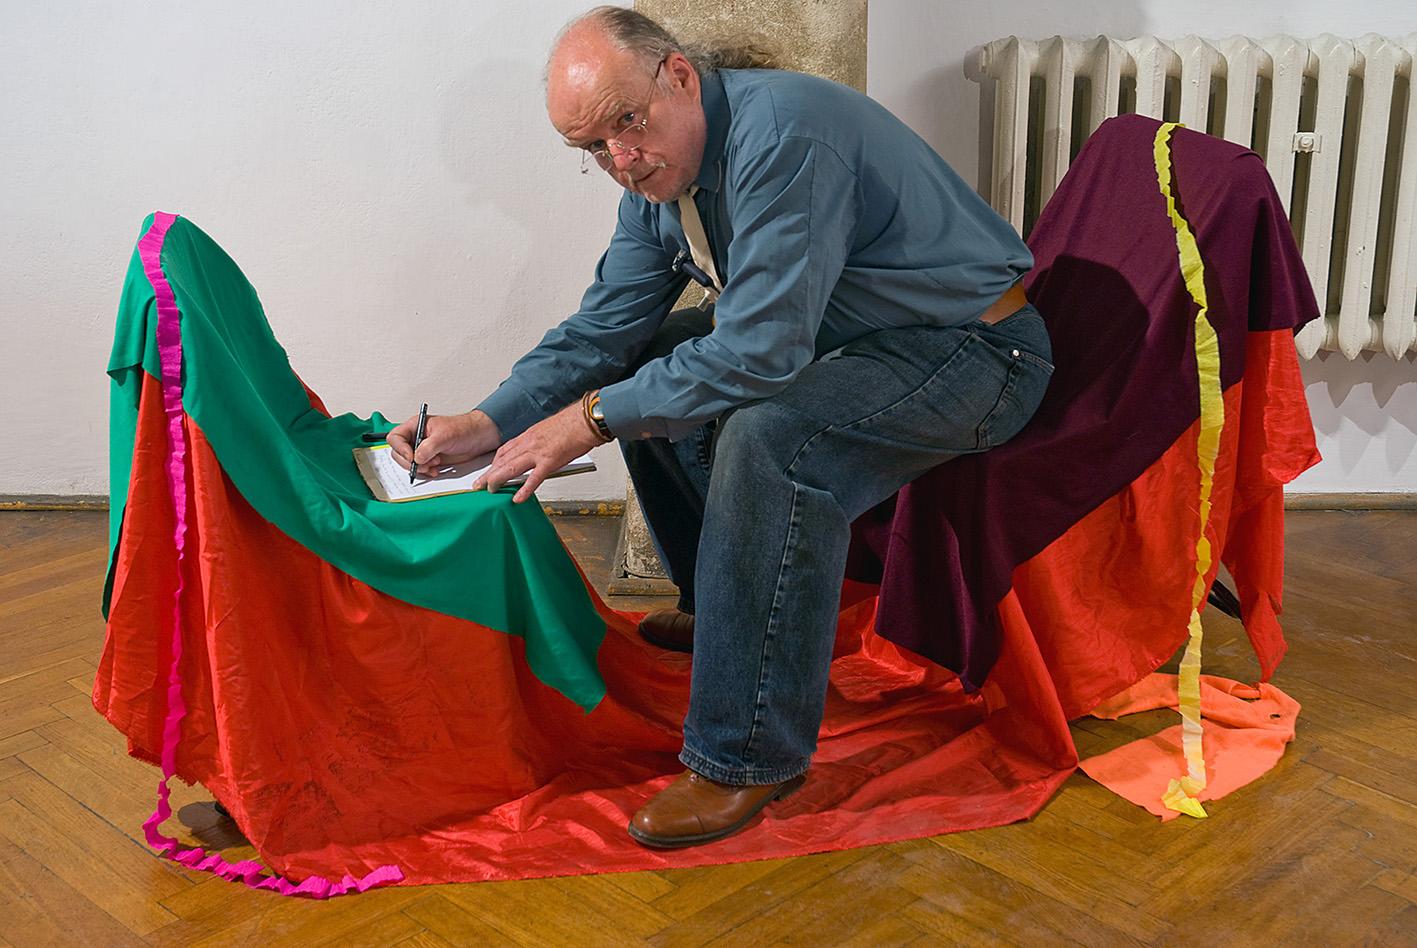 Przemysław Kwiek during his 'Appearance' in Glasgow, 2011.